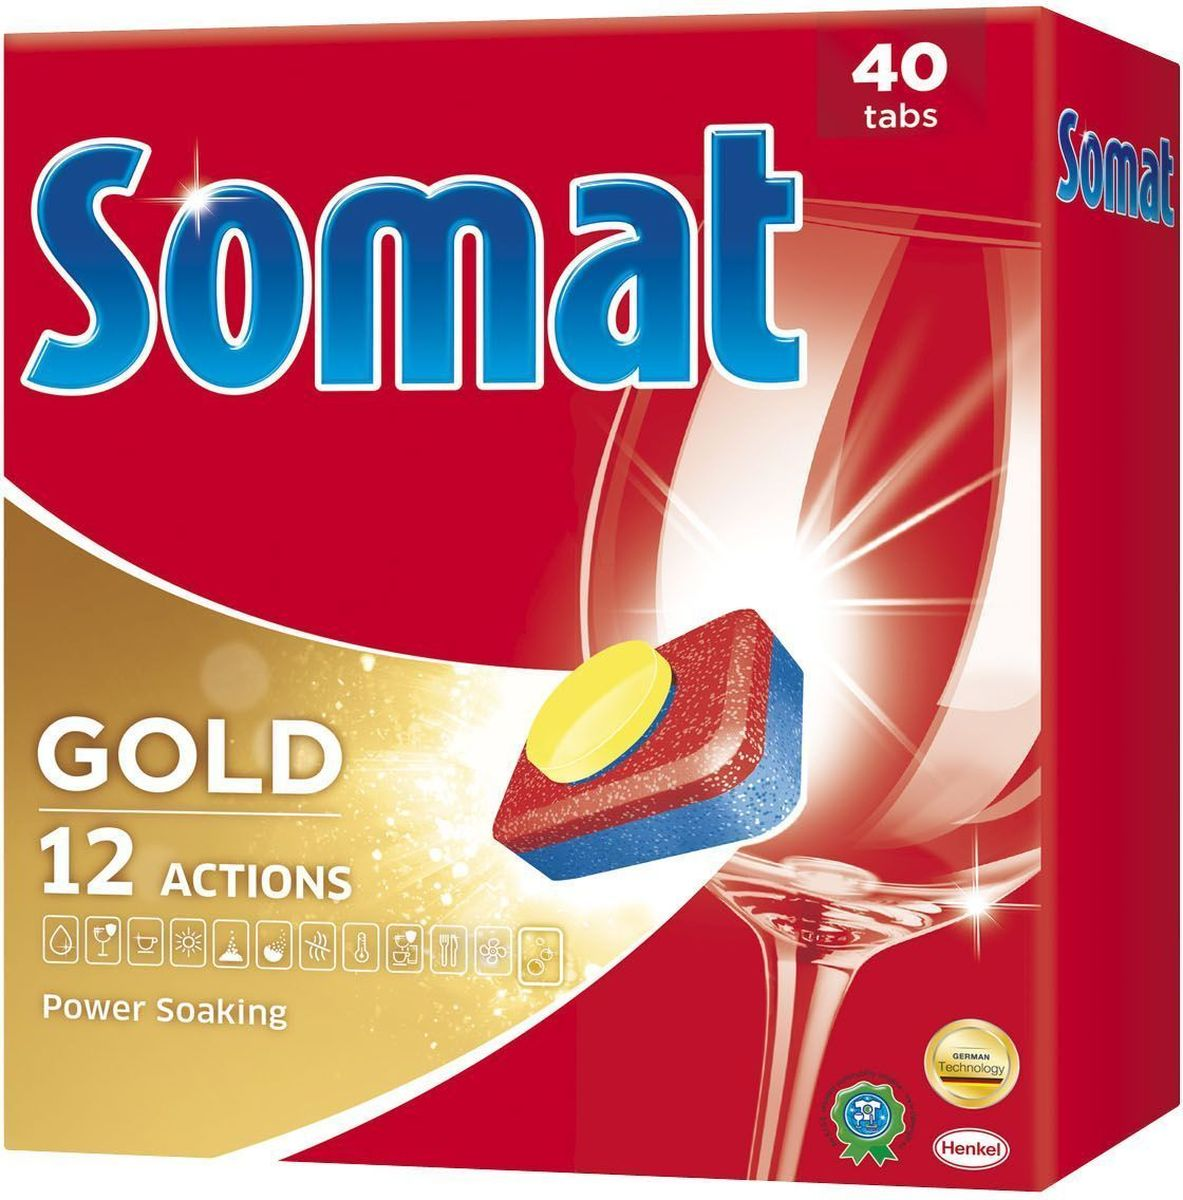 Таблетки для посудомоечной машины Somat Gold, 40 шт935277Somat Gold - средство для мытья посуды в посудомоечных машинах в форме таблеток. Средство содержит соли лимонной кислоты, не содержит фосфатов. Справляется даже с пригоревшими остатками пищи без предварительного замачивания.Состав: 15-30% комплексообразователь, соли неорганические; 5-15% кислородсодержащий отбеливатель, фосфонаты, поликарбоксилаты; Товар сертифицирован.Как выбрать качественную бытовую химию, безопасную для природы и людей. Статья OZON Гид